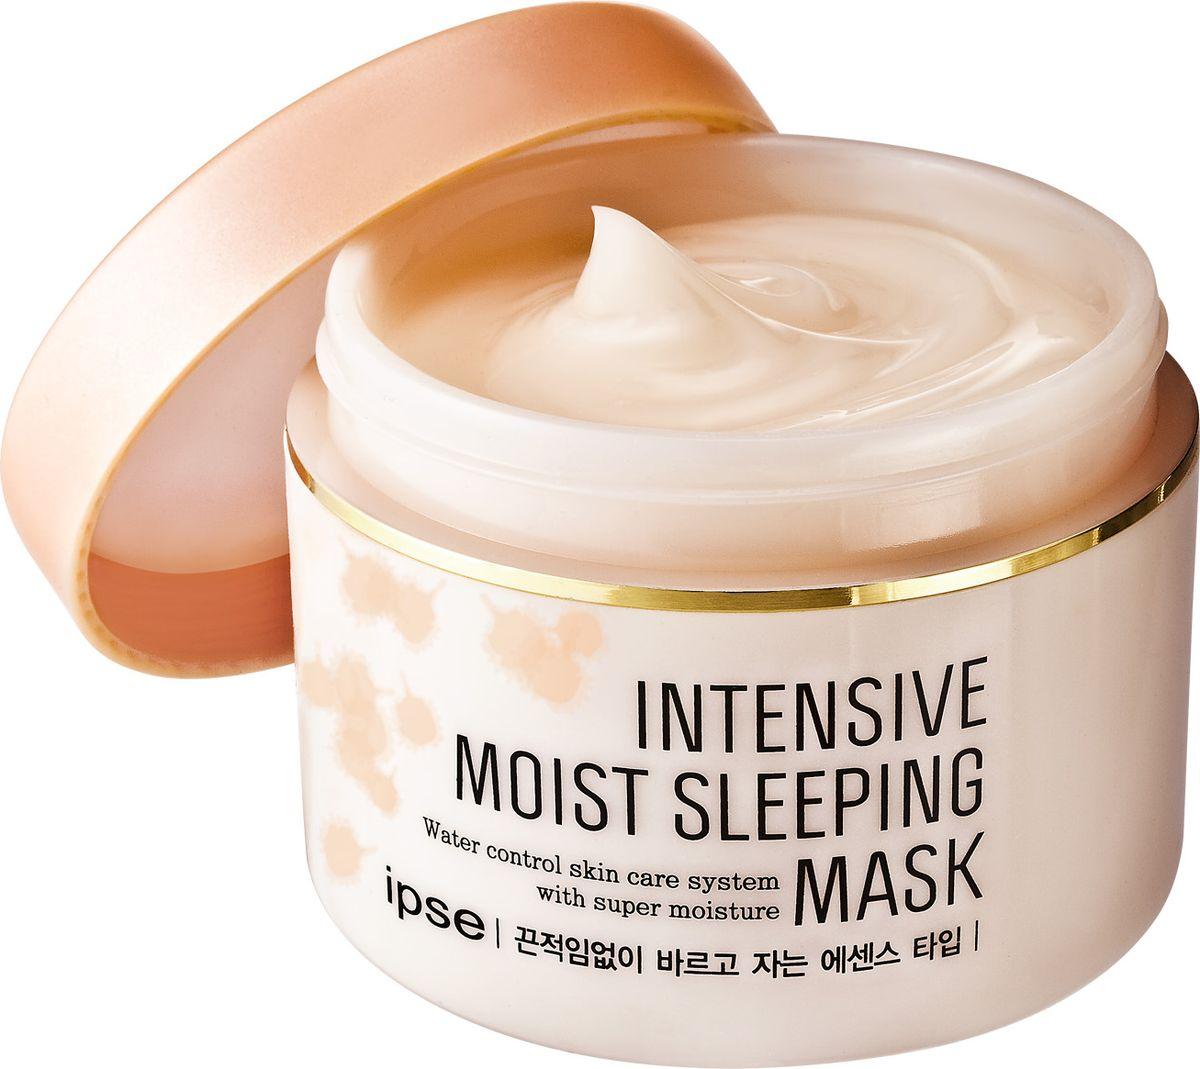 Ipse Маска ночная экстра-увлажняющая, 120 мл925622Исследования показали, что проницаемость кожи и ее способность усваивать полезные элементы гораздо выше в ночное время. Поэтому эффект от ночных масок очень высок. Очень легкая гелевая маска содержит экстракт алое и другие питательные компоненты, благодаря которым кожа получает необходимое увлажнение и питание во время сна. IPSE INTENSIVE MOIST SLEEPING MASK не нужно смывать, так как за время сна она полностью впитывается и хорошо увлажняет кожу, а лицу придает сияющий вид.